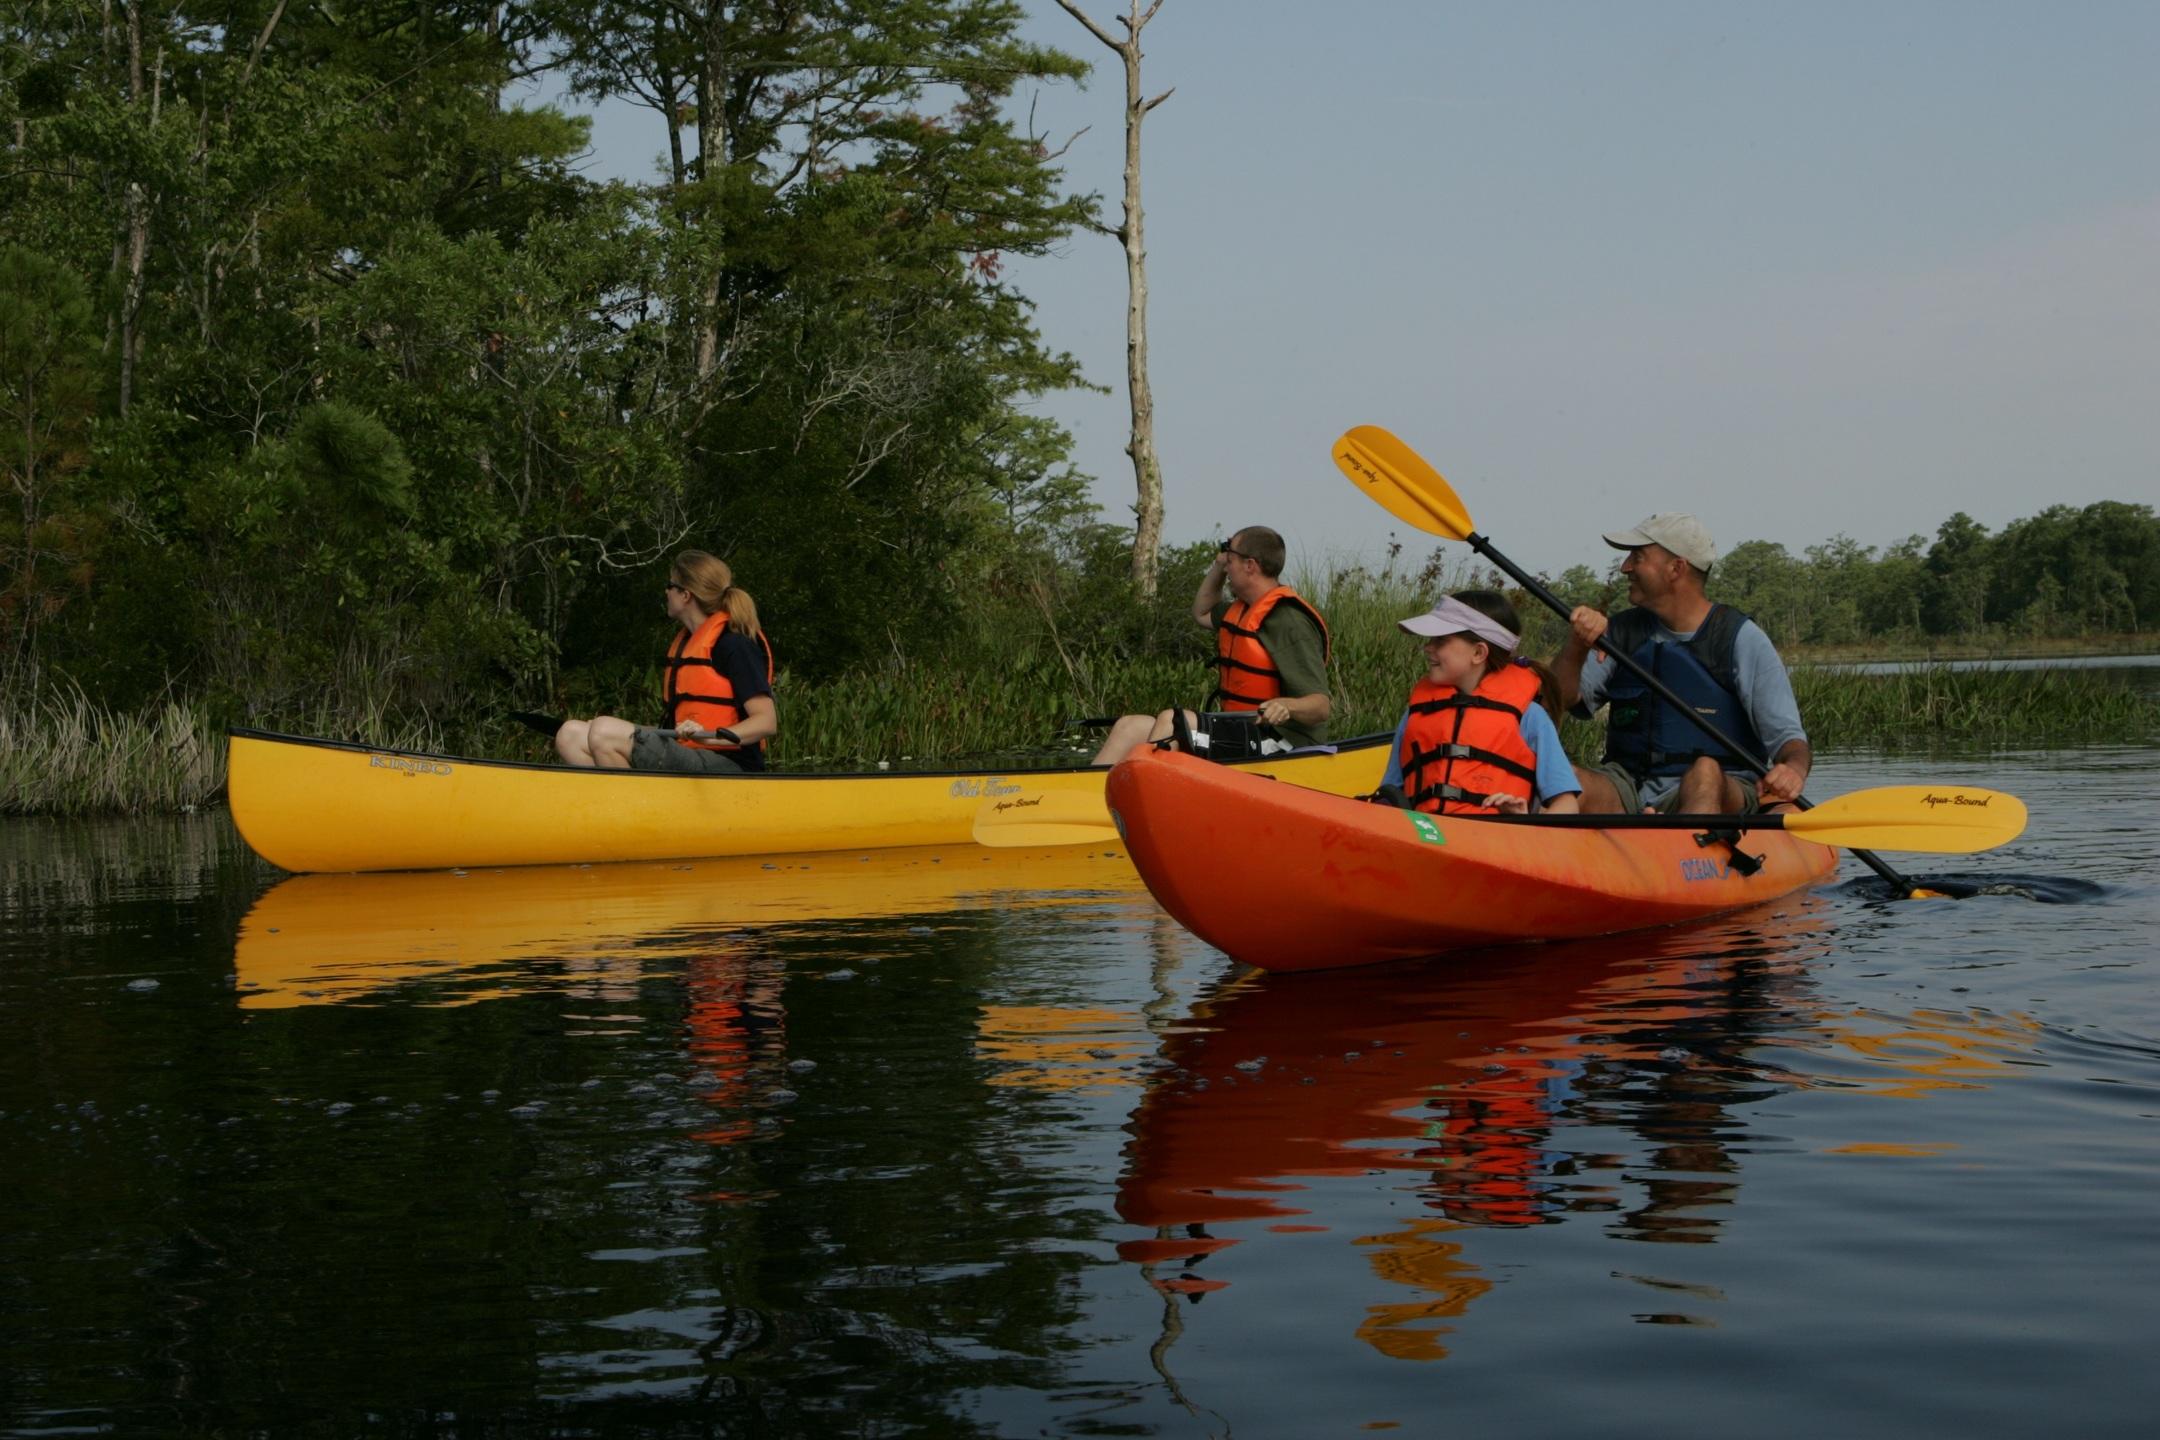 Каноэ и каяк — лучший выбор для активного отдыха на реке